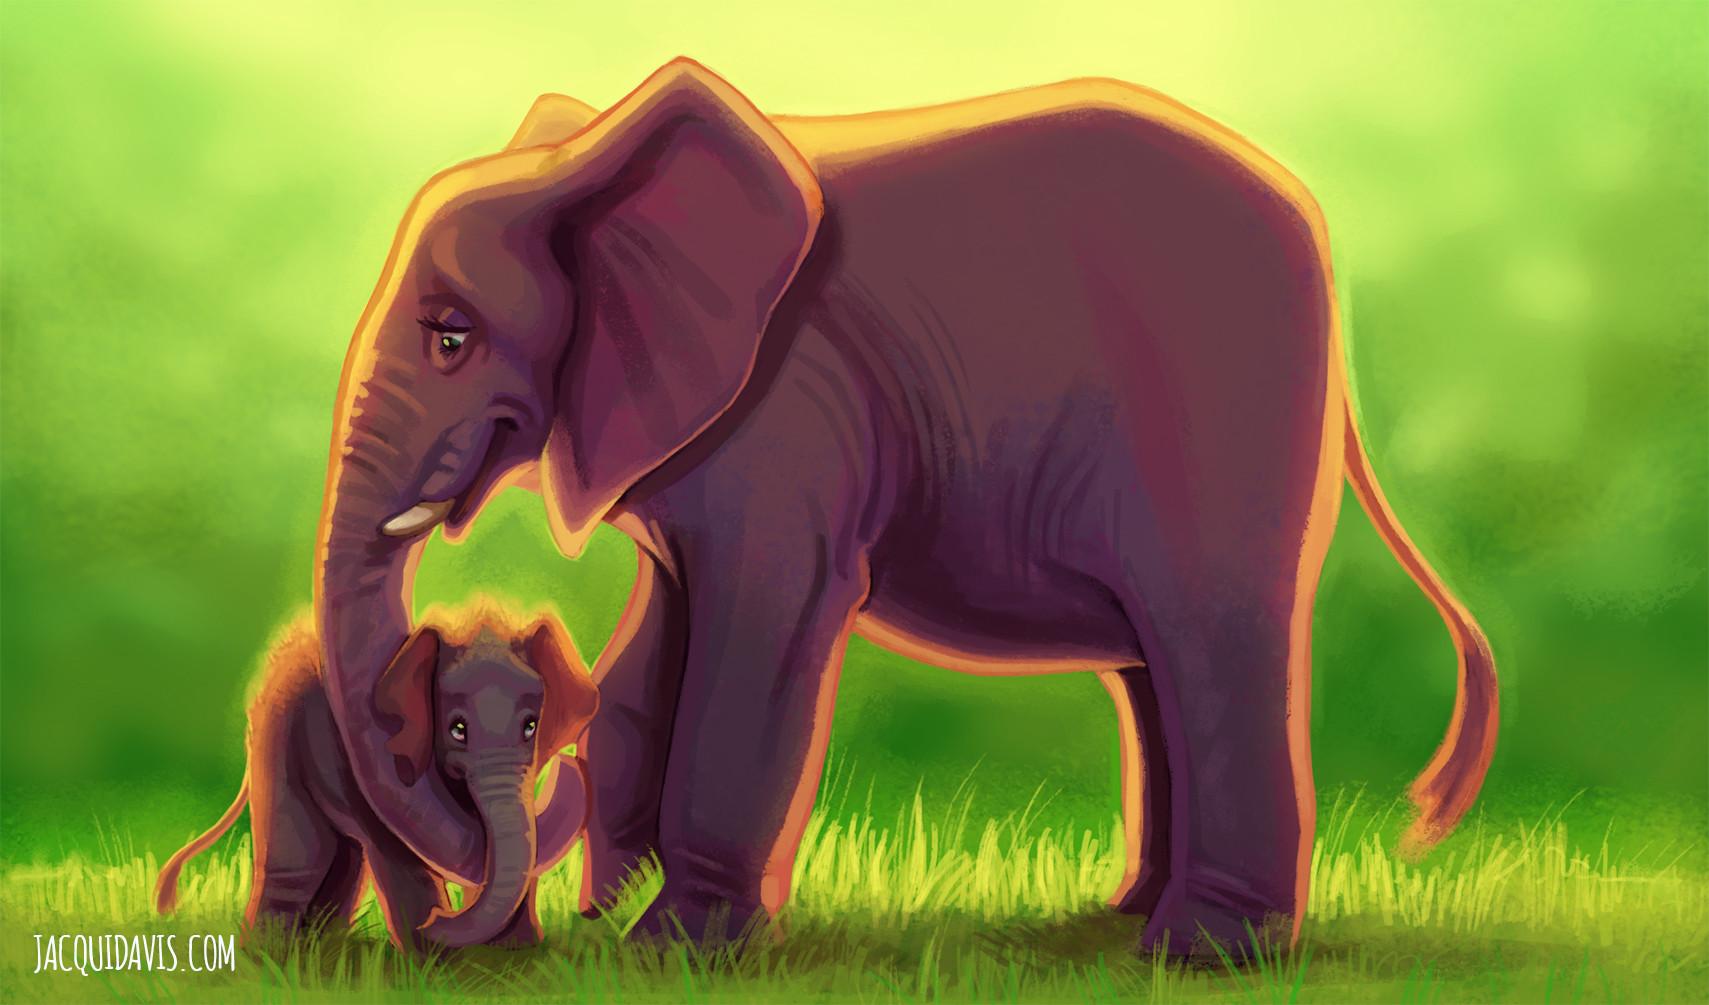 Jacqui davis elephant jungle copy